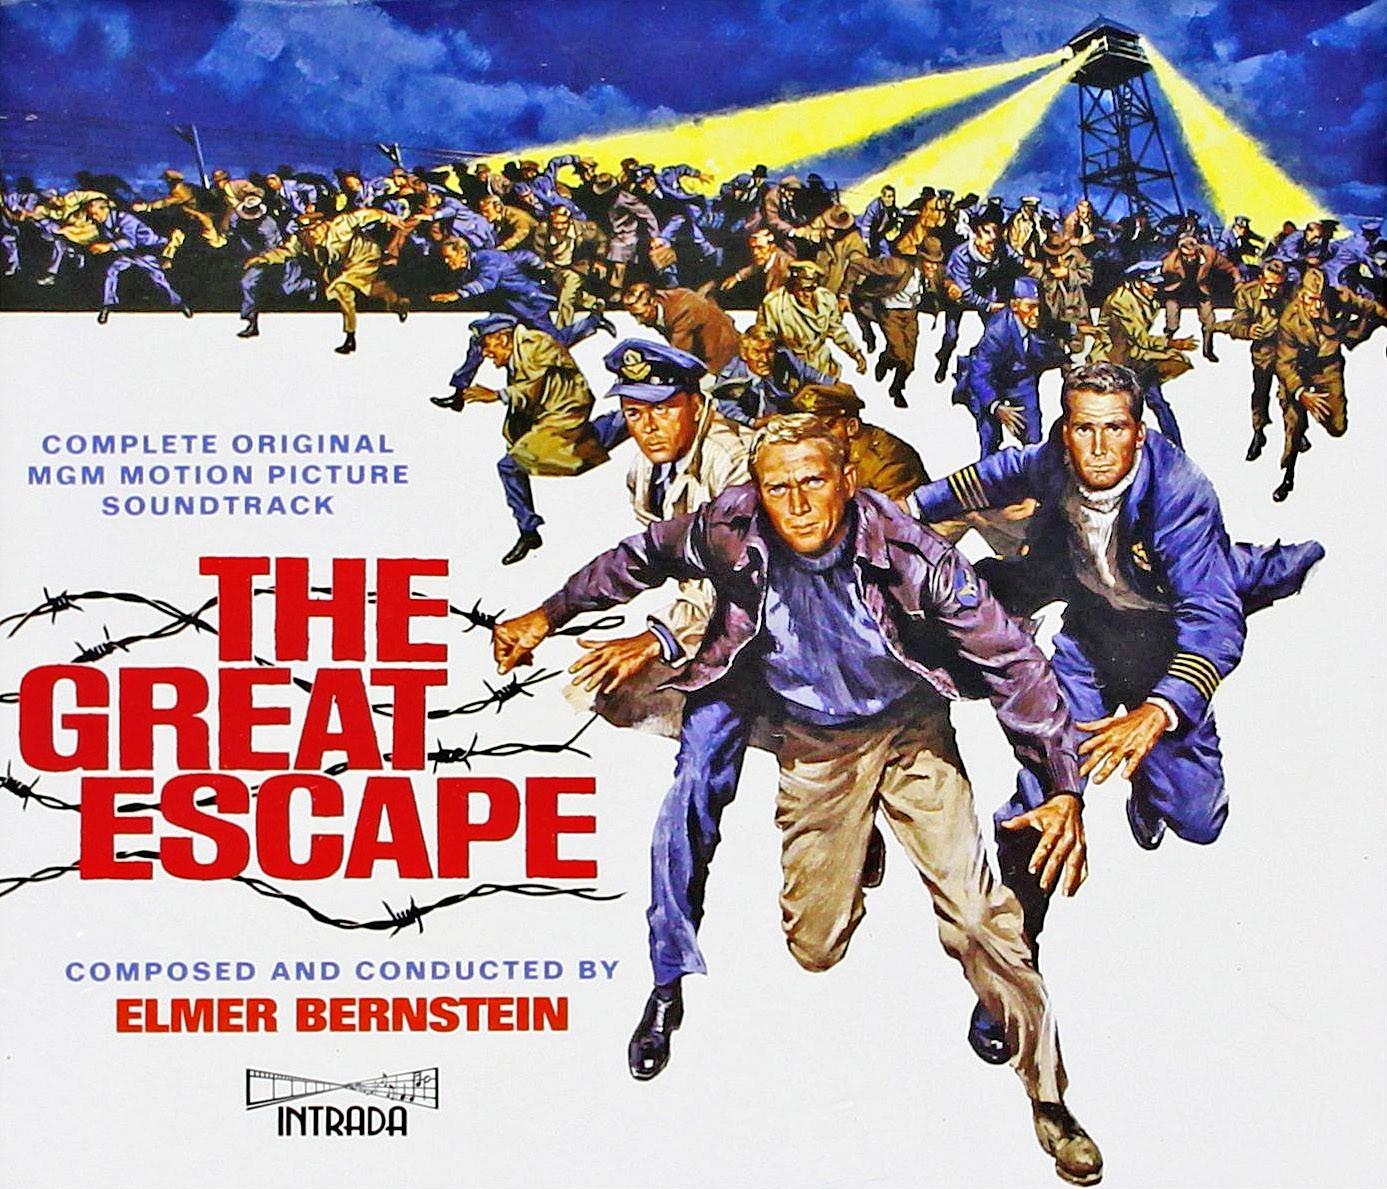 The Great Escape - cuộc đào tẩu khỏi nhà tù của phát xít Đức